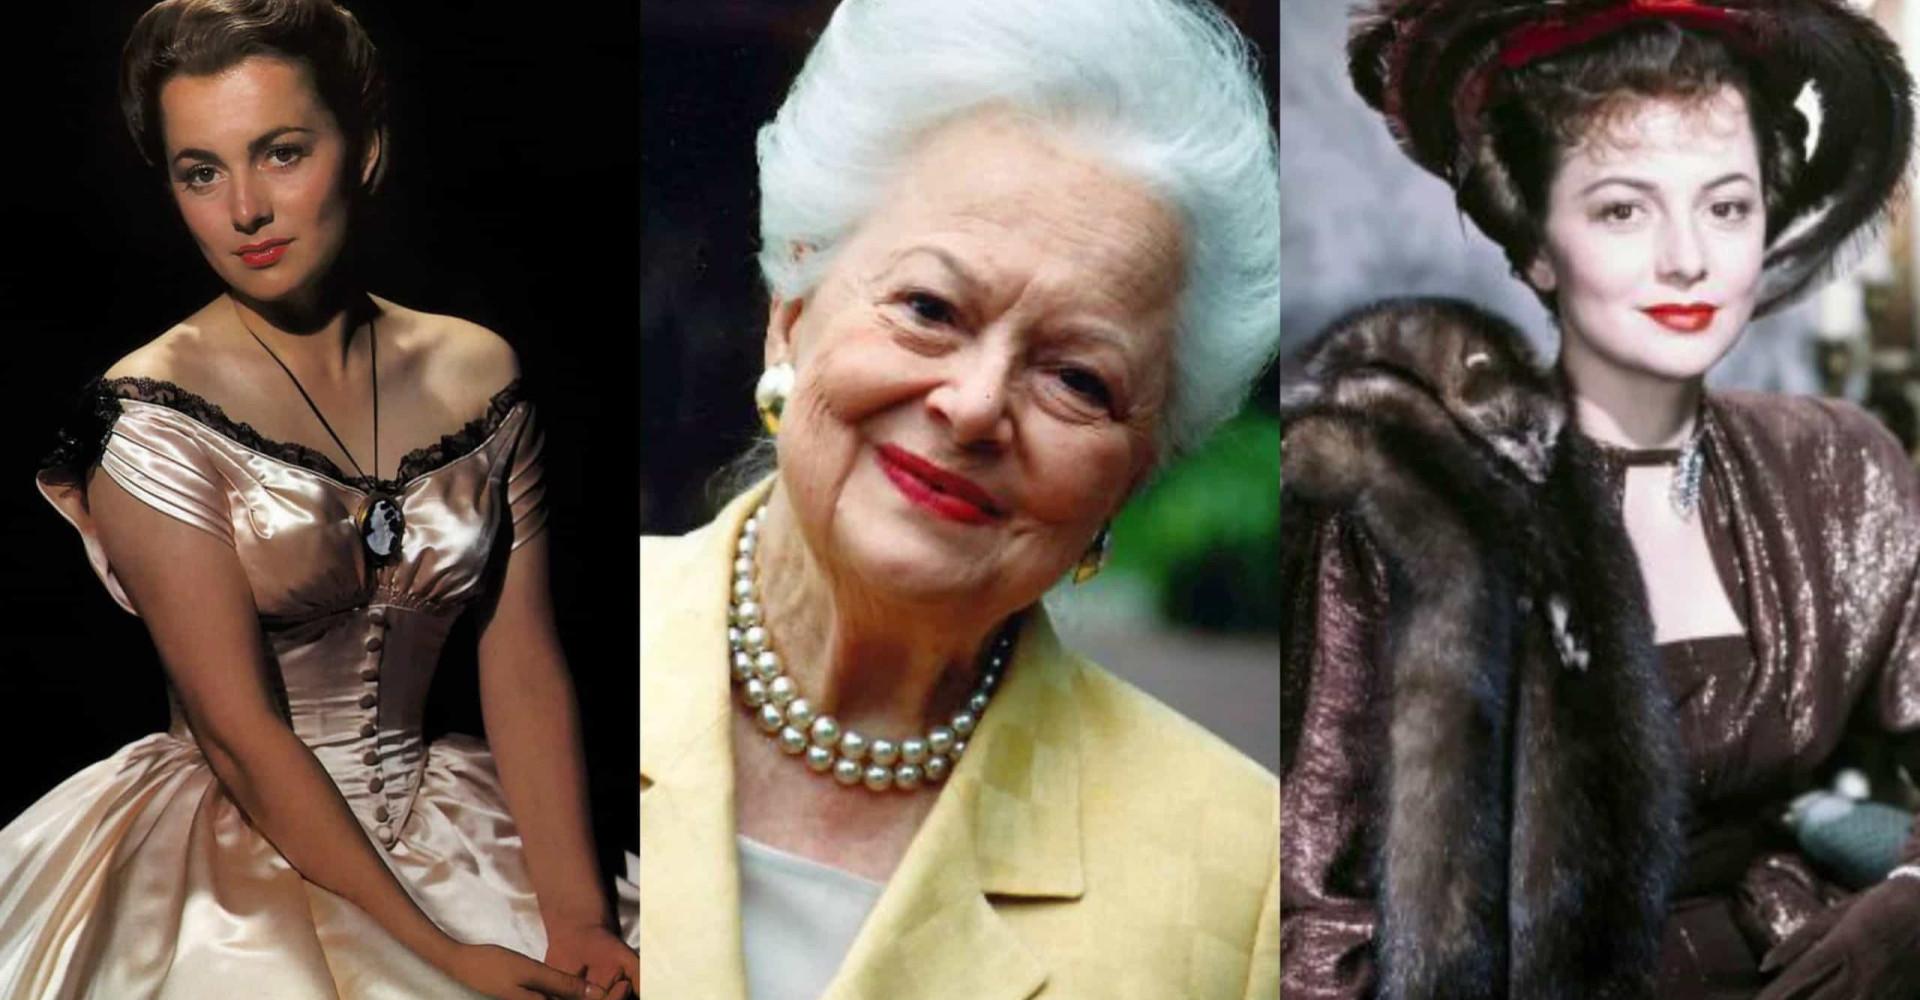 Olivia de Havilland: An appreciation of a screen legend